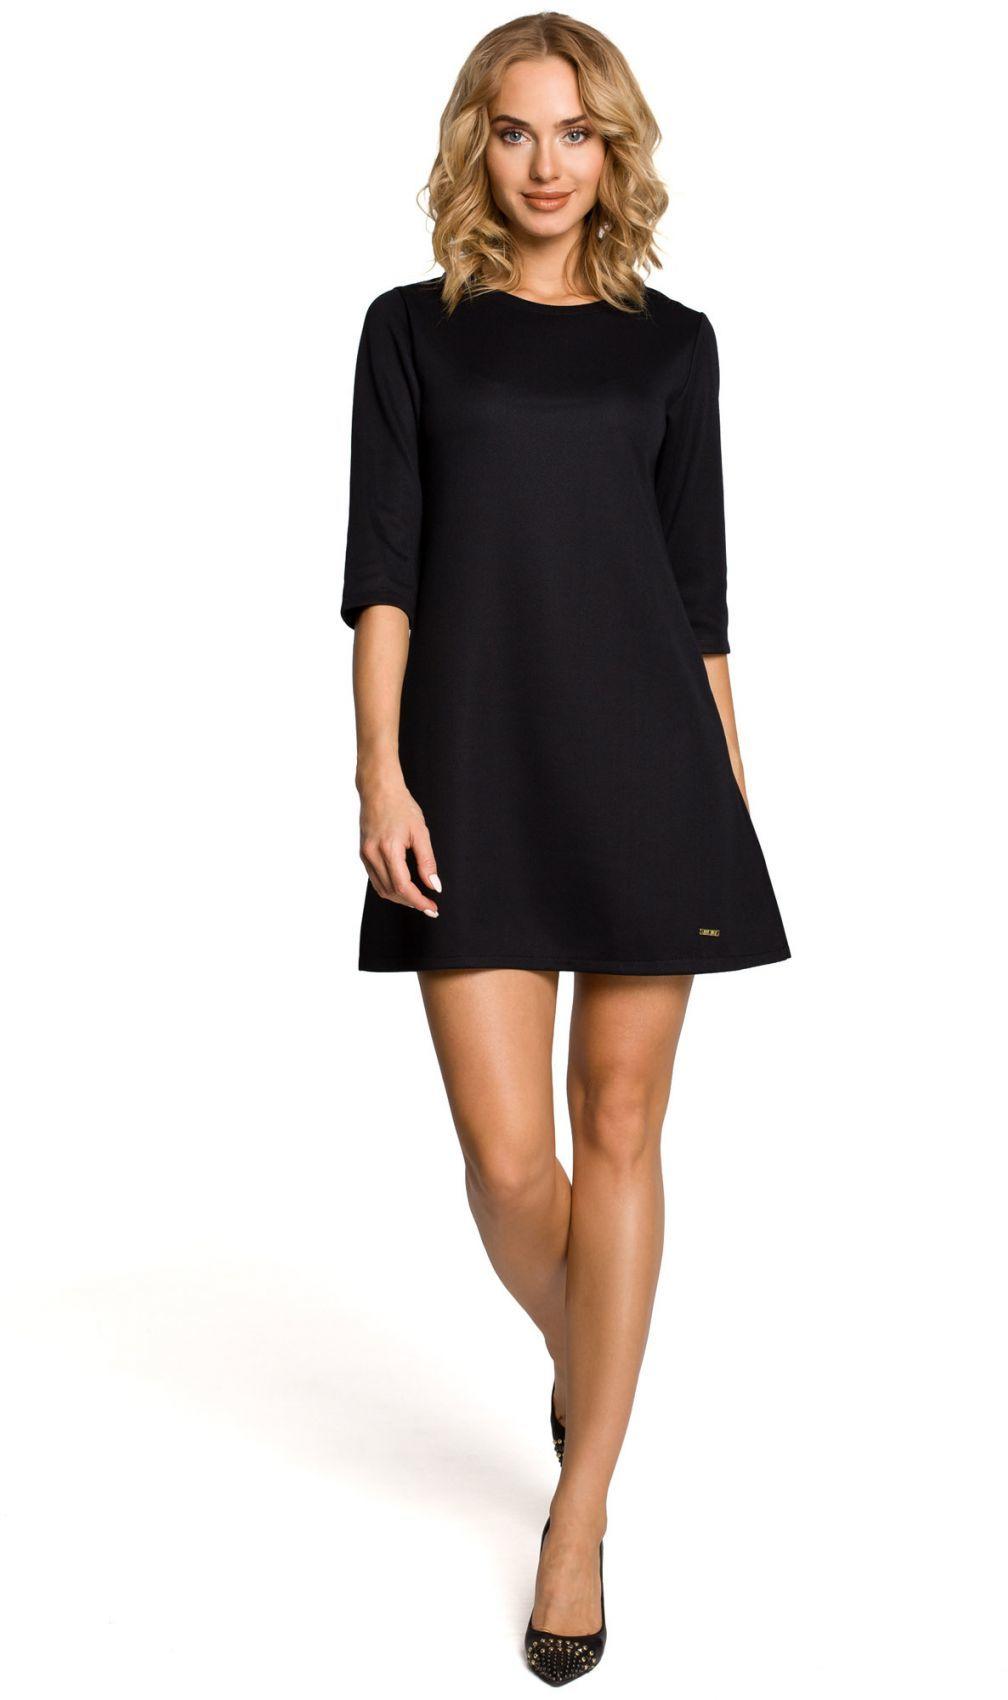 M029 Gładka tunika sukienka trapezowa - czarna